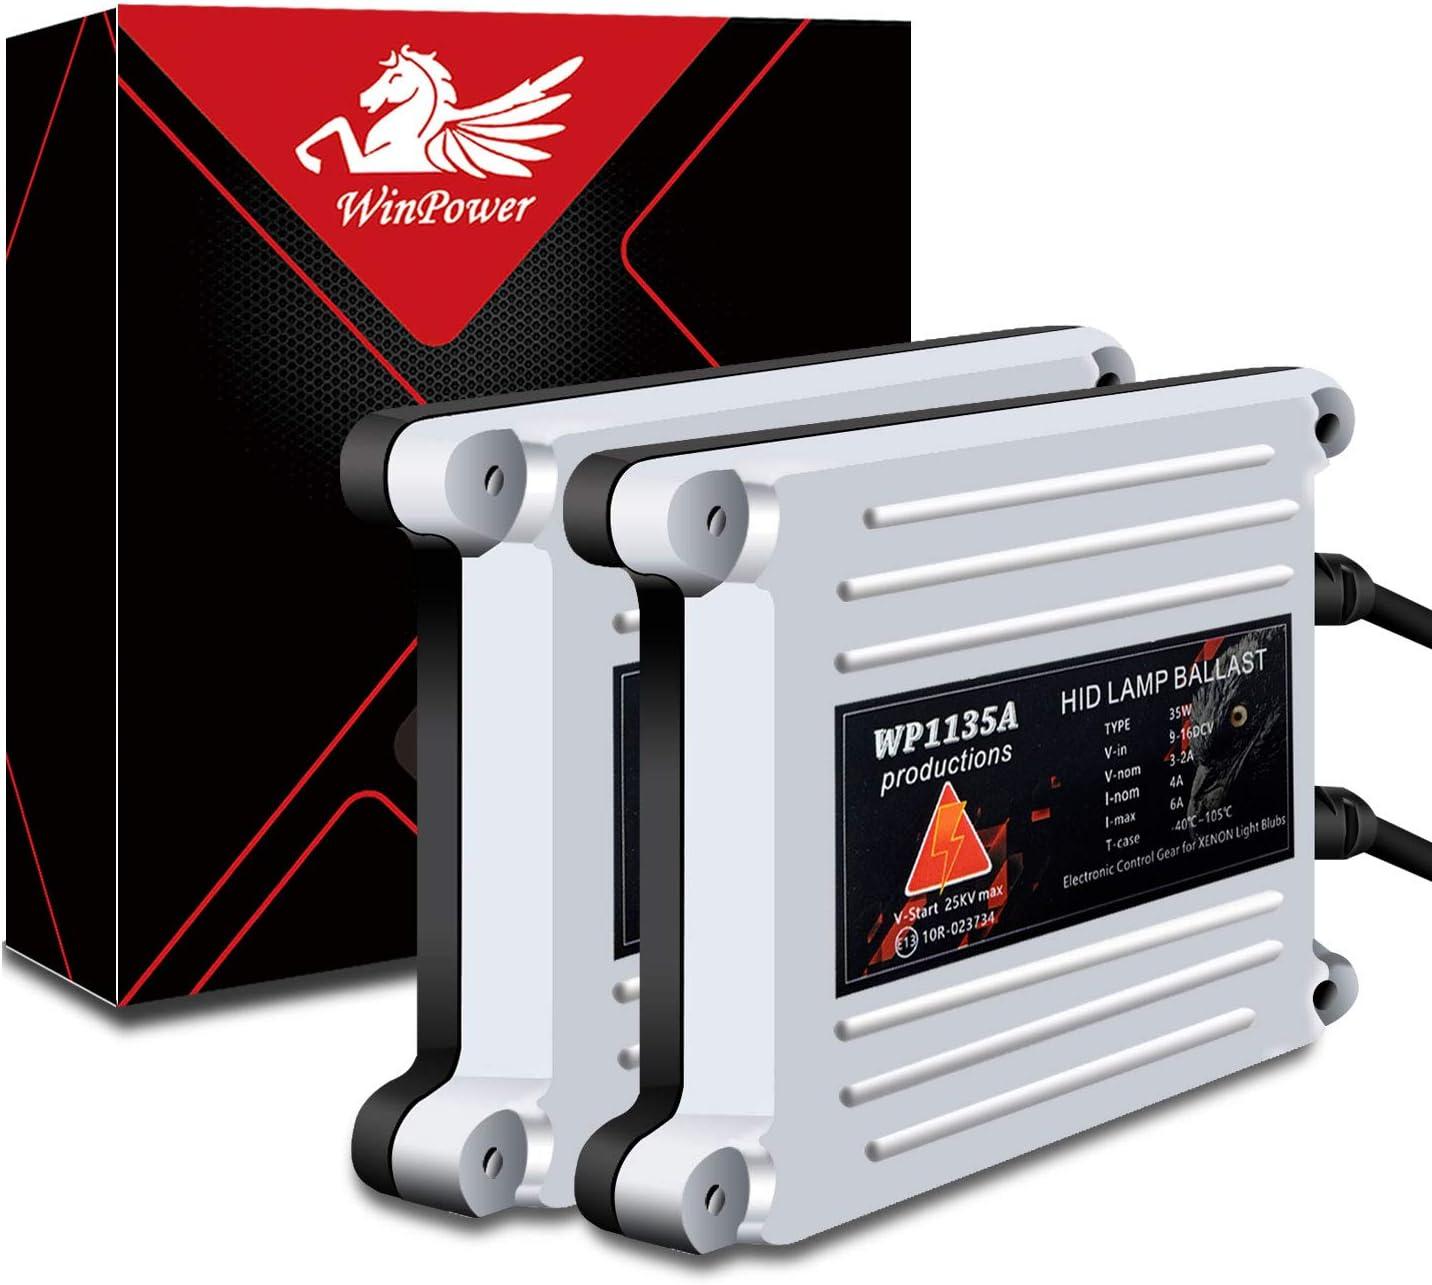 AC HID Lastre con CAN-Bus Super decodificador Universal para 9006 H11 H8 H9 9005 H1 H3 H4 H7 H13 Win Power 35W // 55W Corriente Alterna 2 Piezas